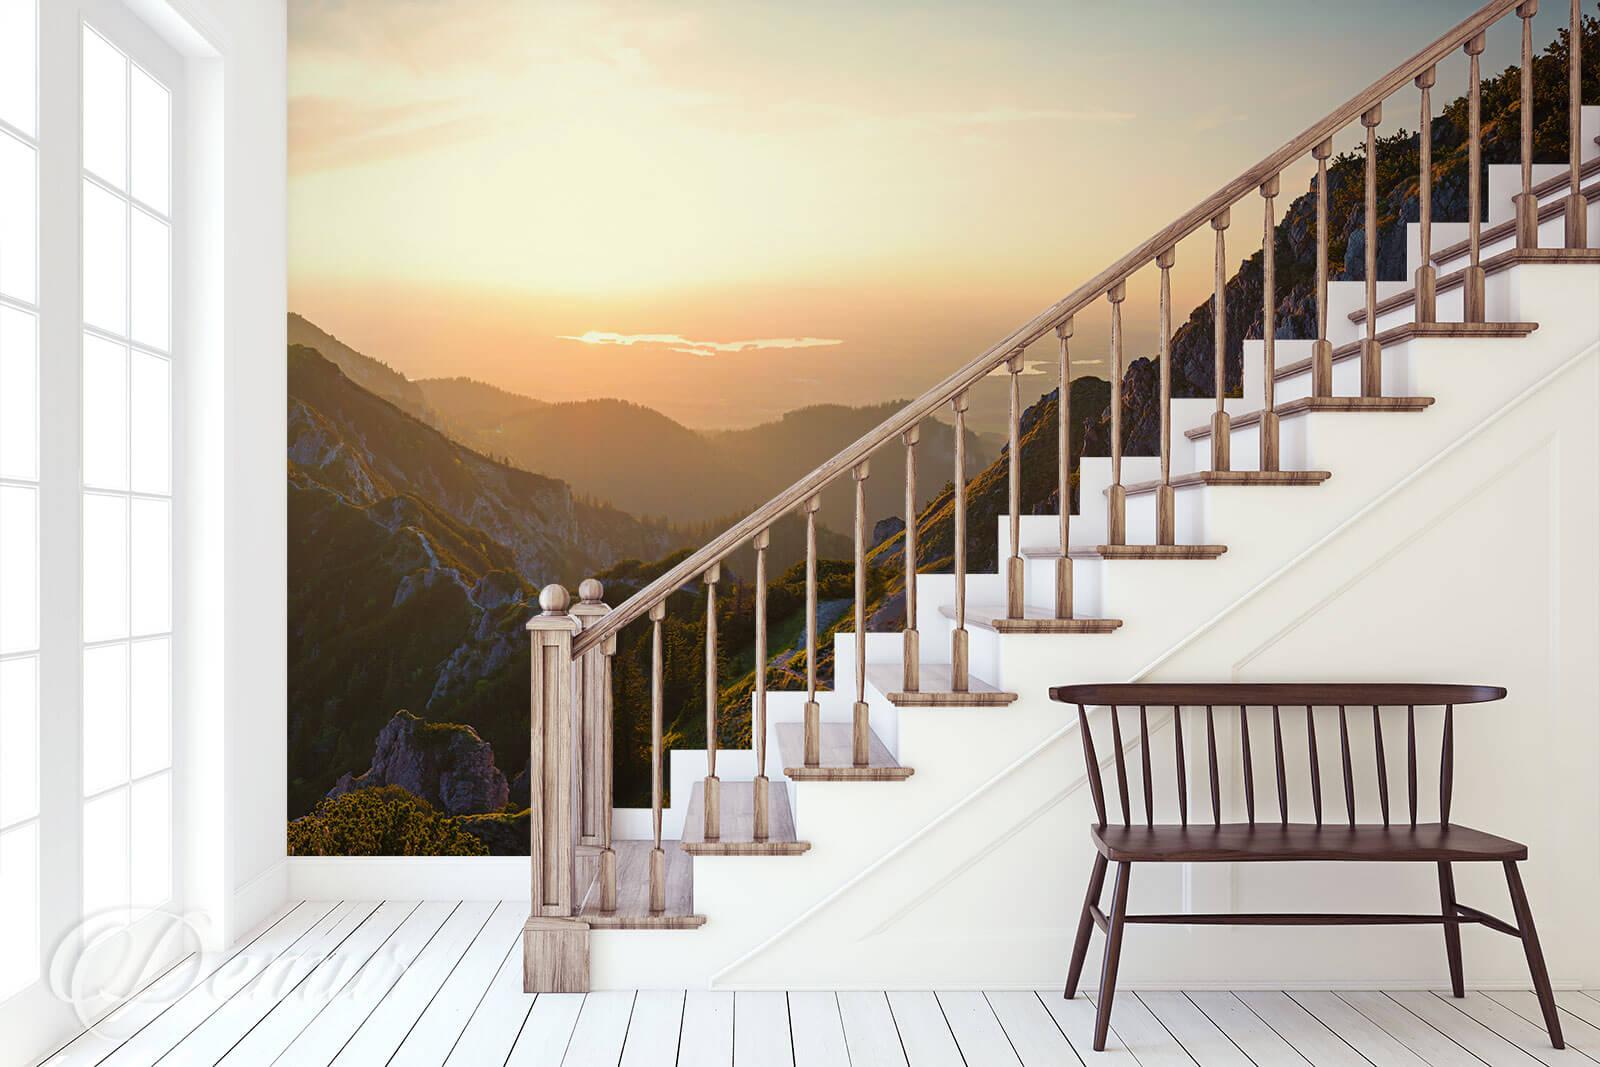 Fototapeta Górski wschód słońca - Fototapety na klatce schodowej - Demur